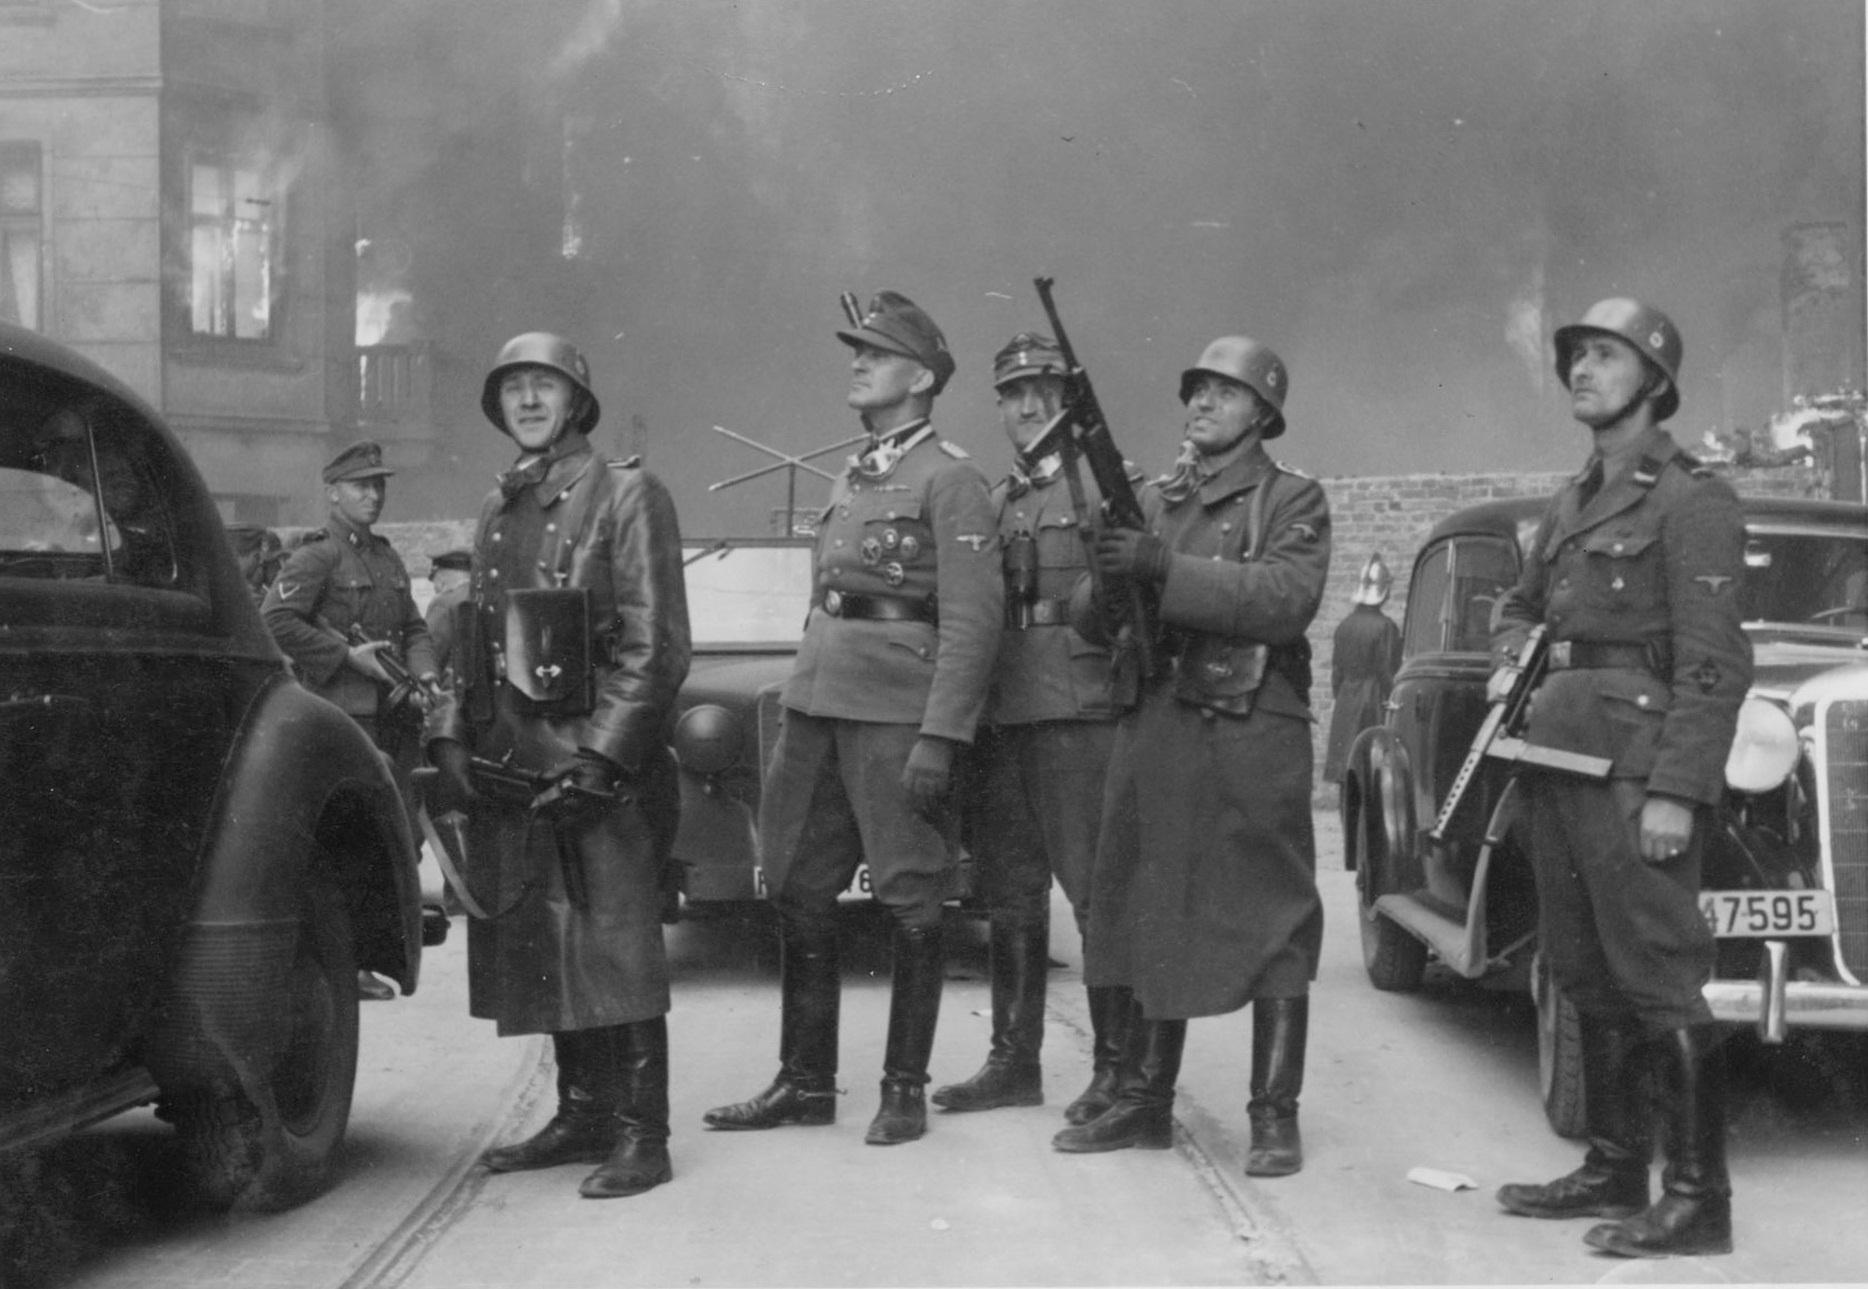 趾高氣揚的親衛隊。照片取自 1943 年 5 月親衛隊提交給希姆萊的報告。 圖片來源:wikimedia